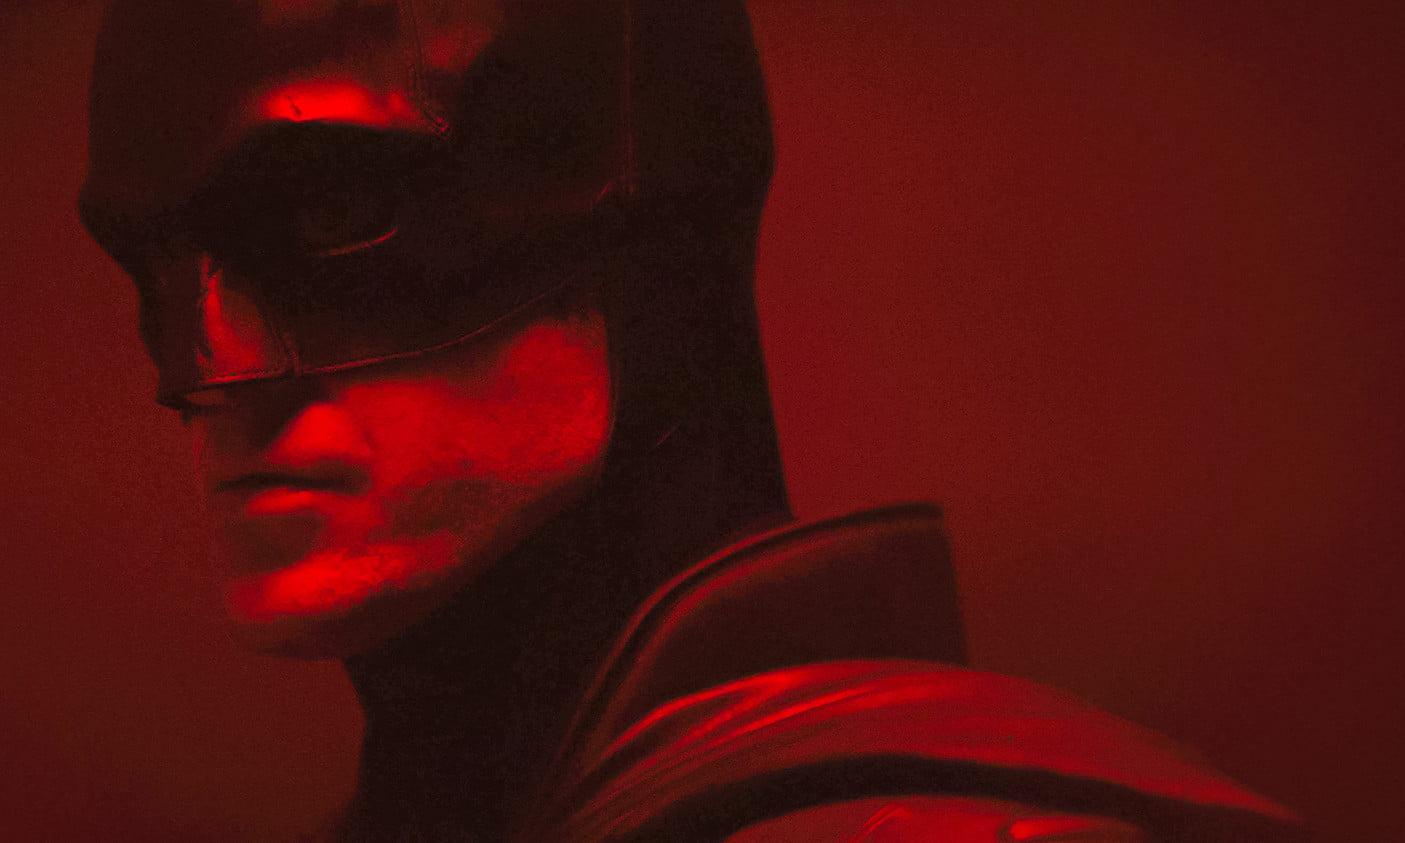 新《蝙蝠侠》在内的多部 DC 漫改电影调档上映